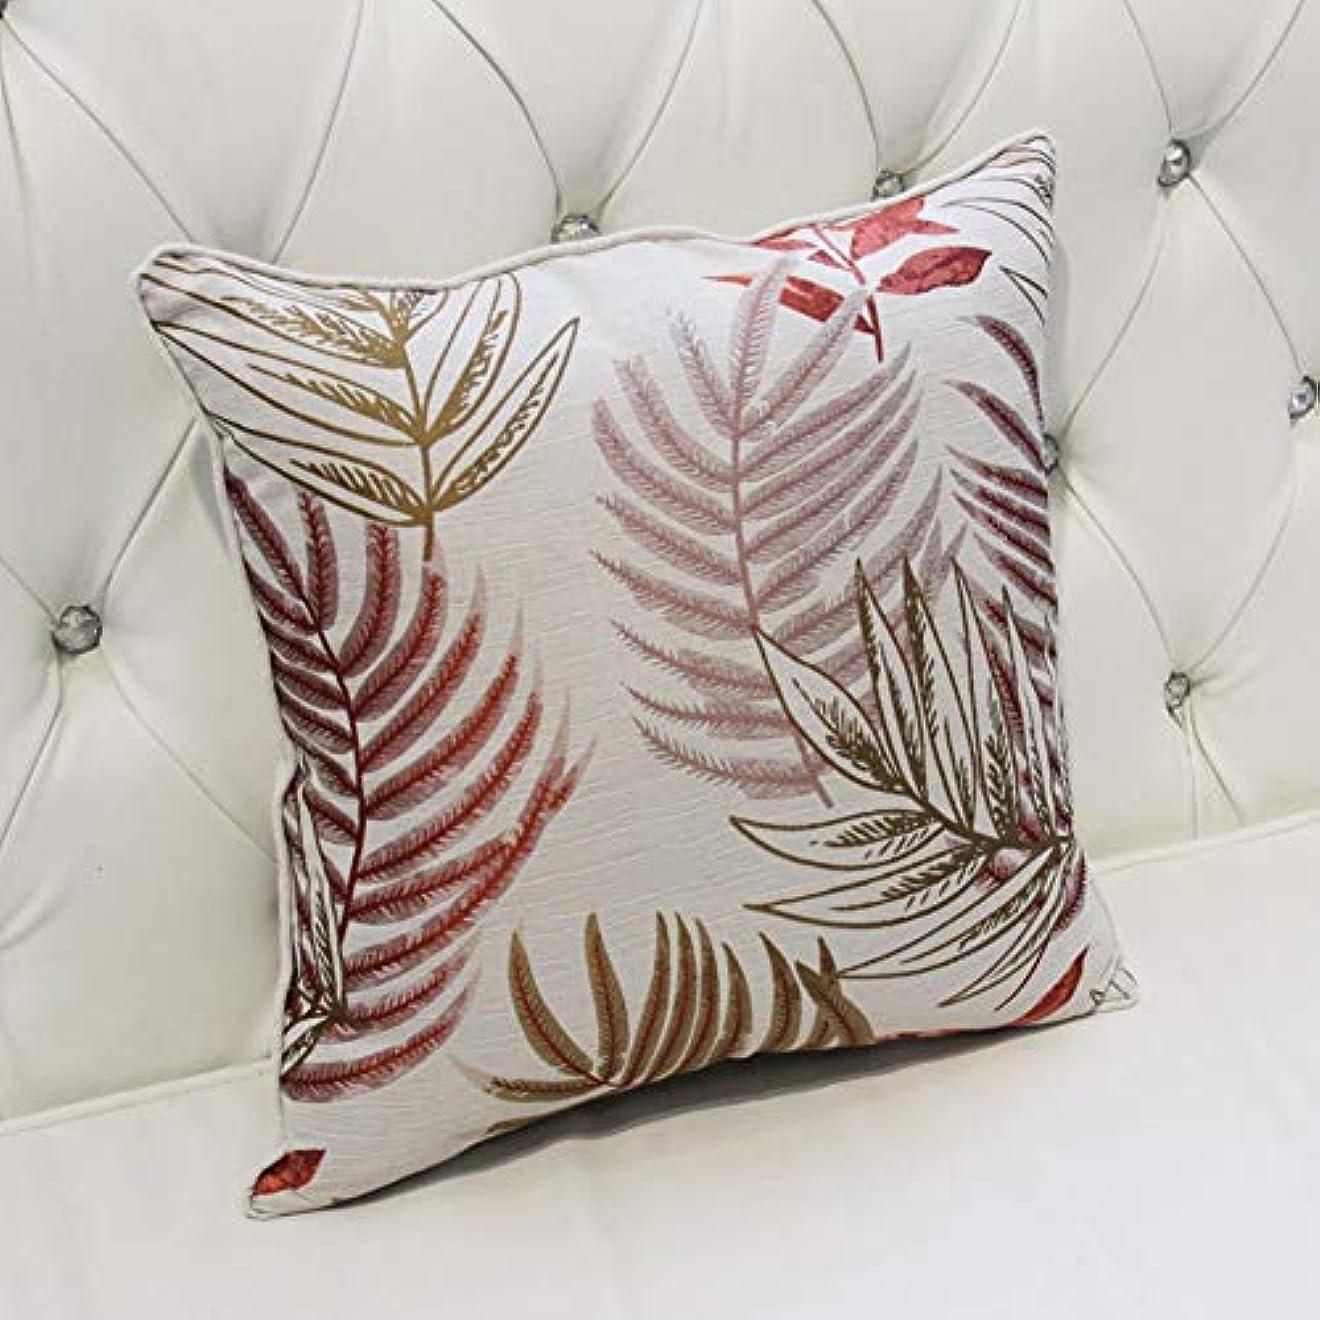 スタイル寂しい異常18-AnyzhanTrade 枕カバー綿のソファ枕椅子ベッドサイドウエスト枕 (Color : Style 3)